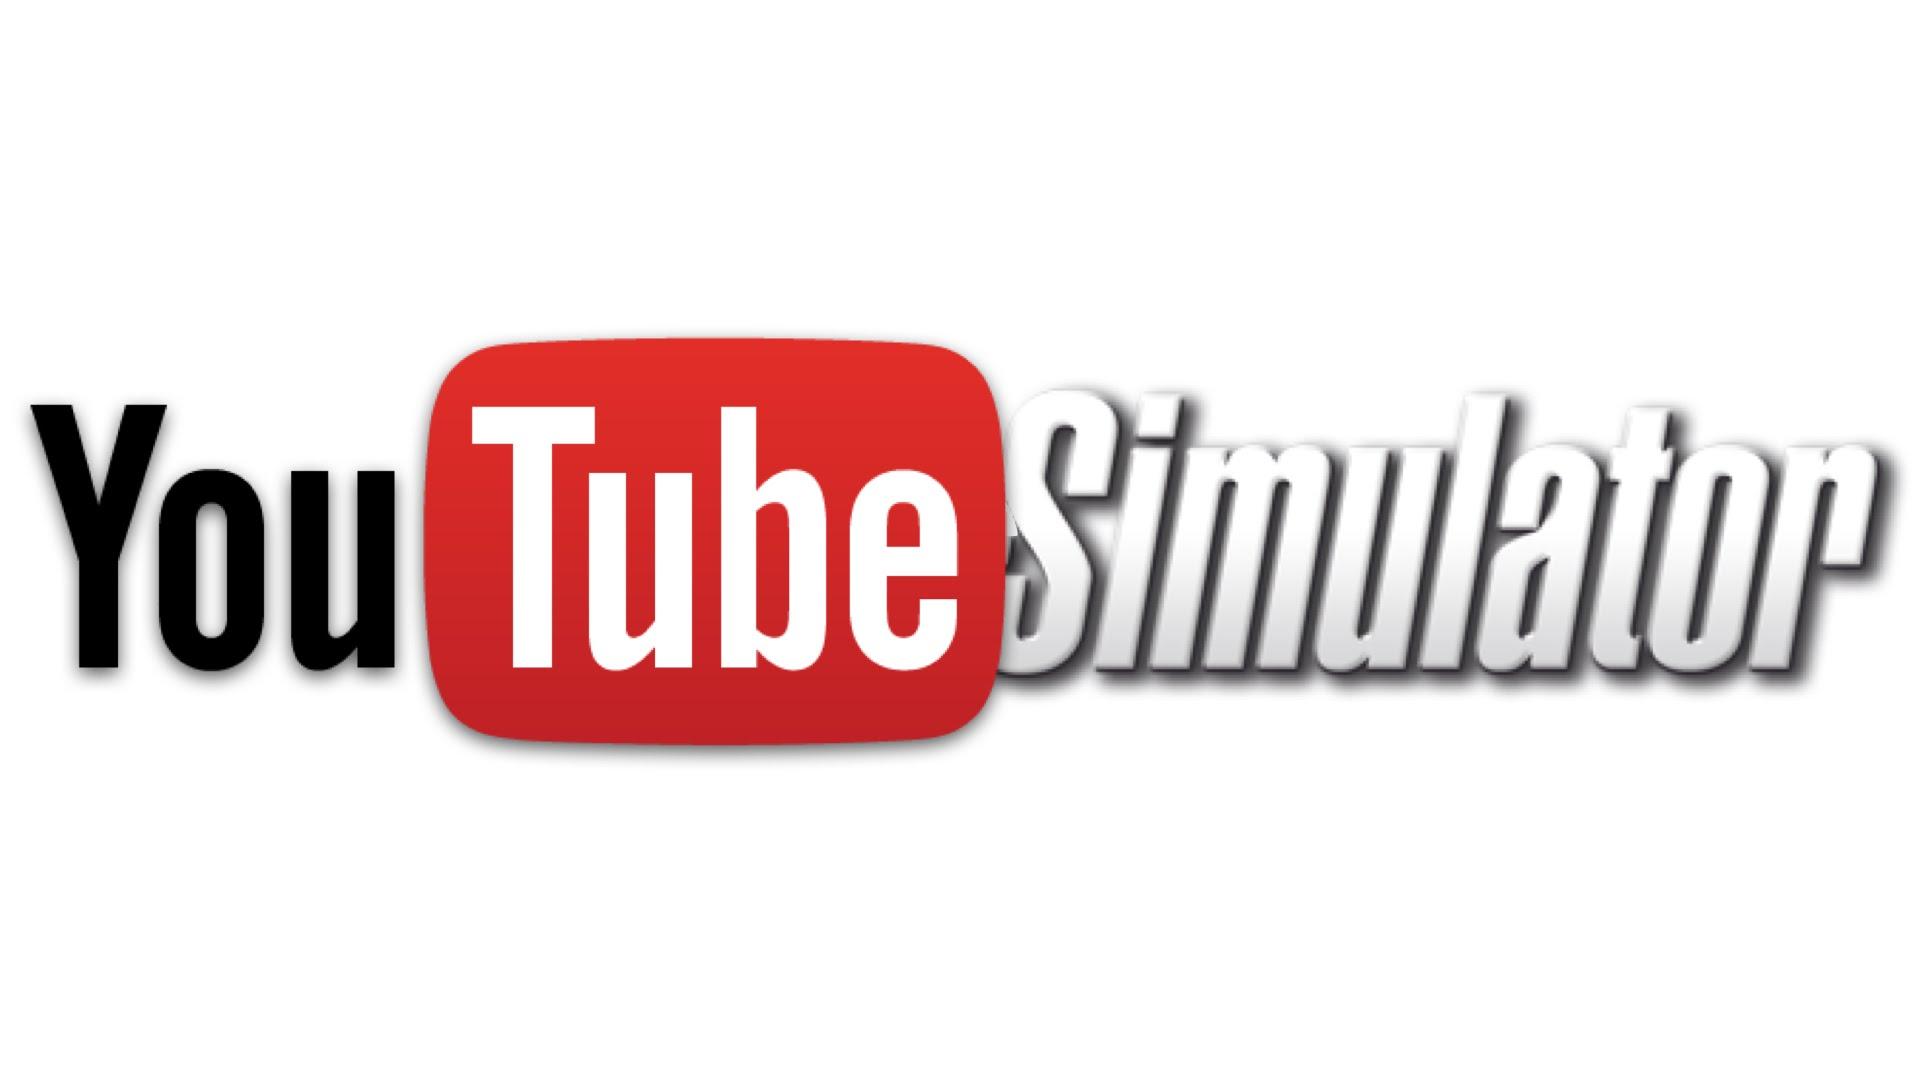 Acheter abonnés Youtube : Les 3 meilleurs conseils pour lancer une chaîne Youtube et devenir connu